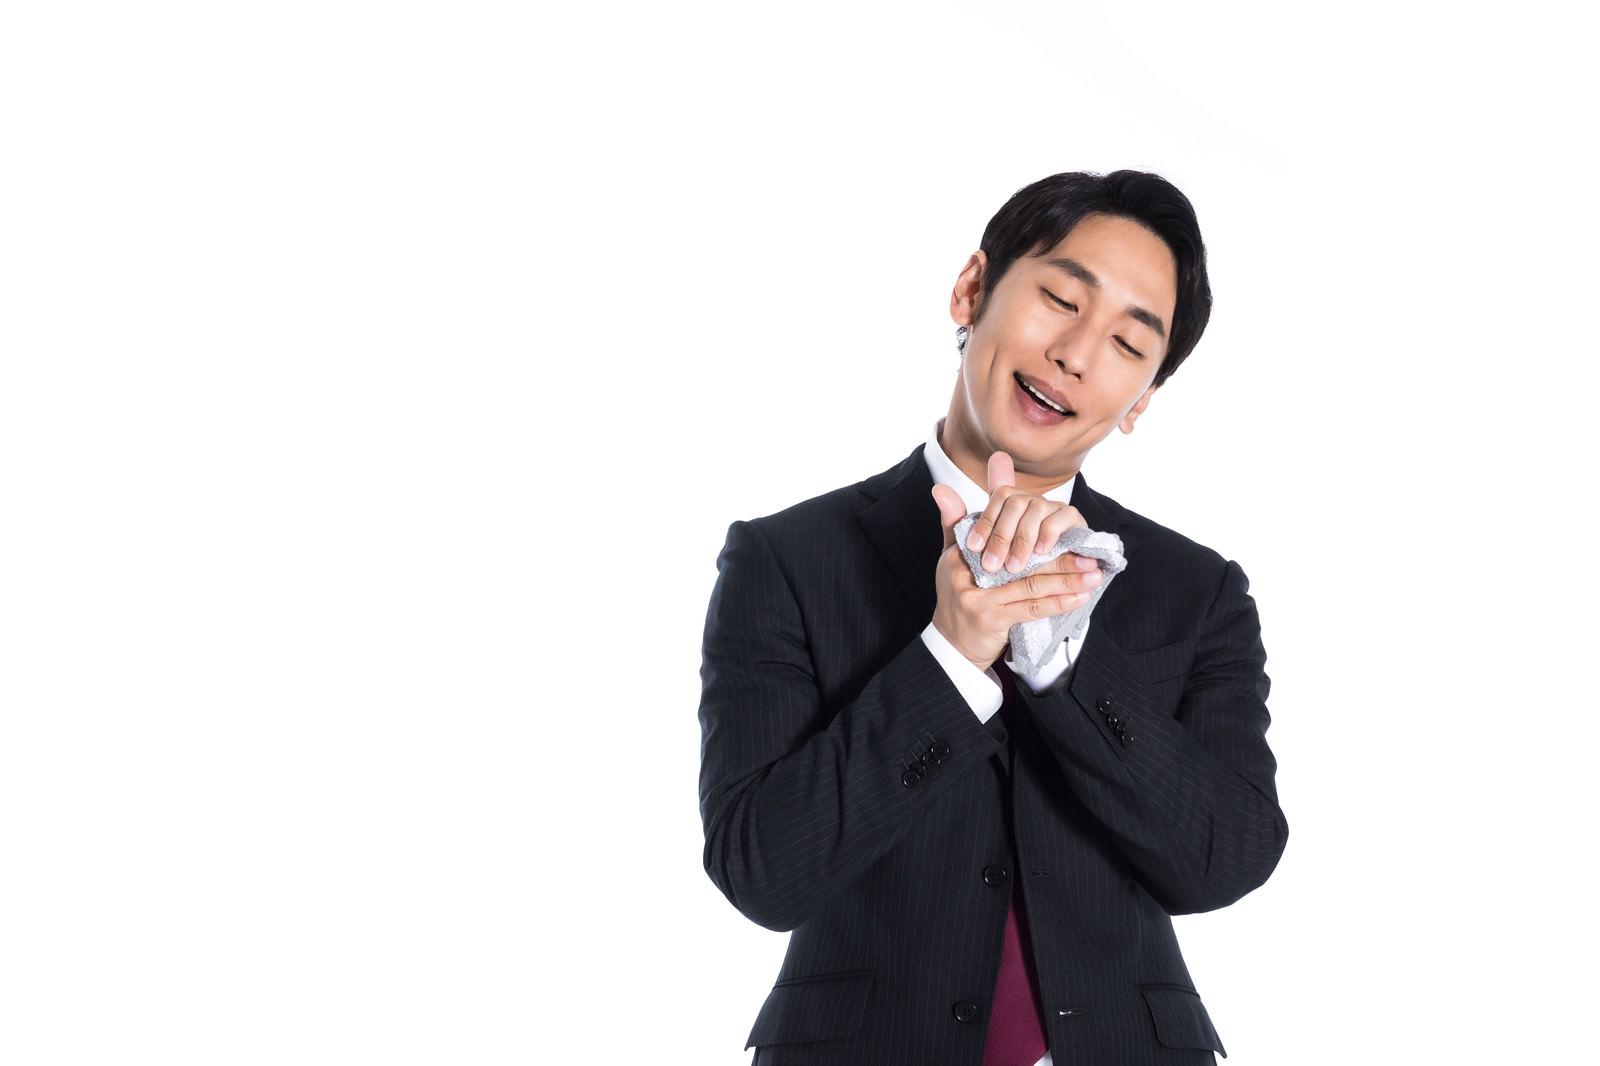 「手をこまめに拭く男性」の写真[モデル:大川竜弥]